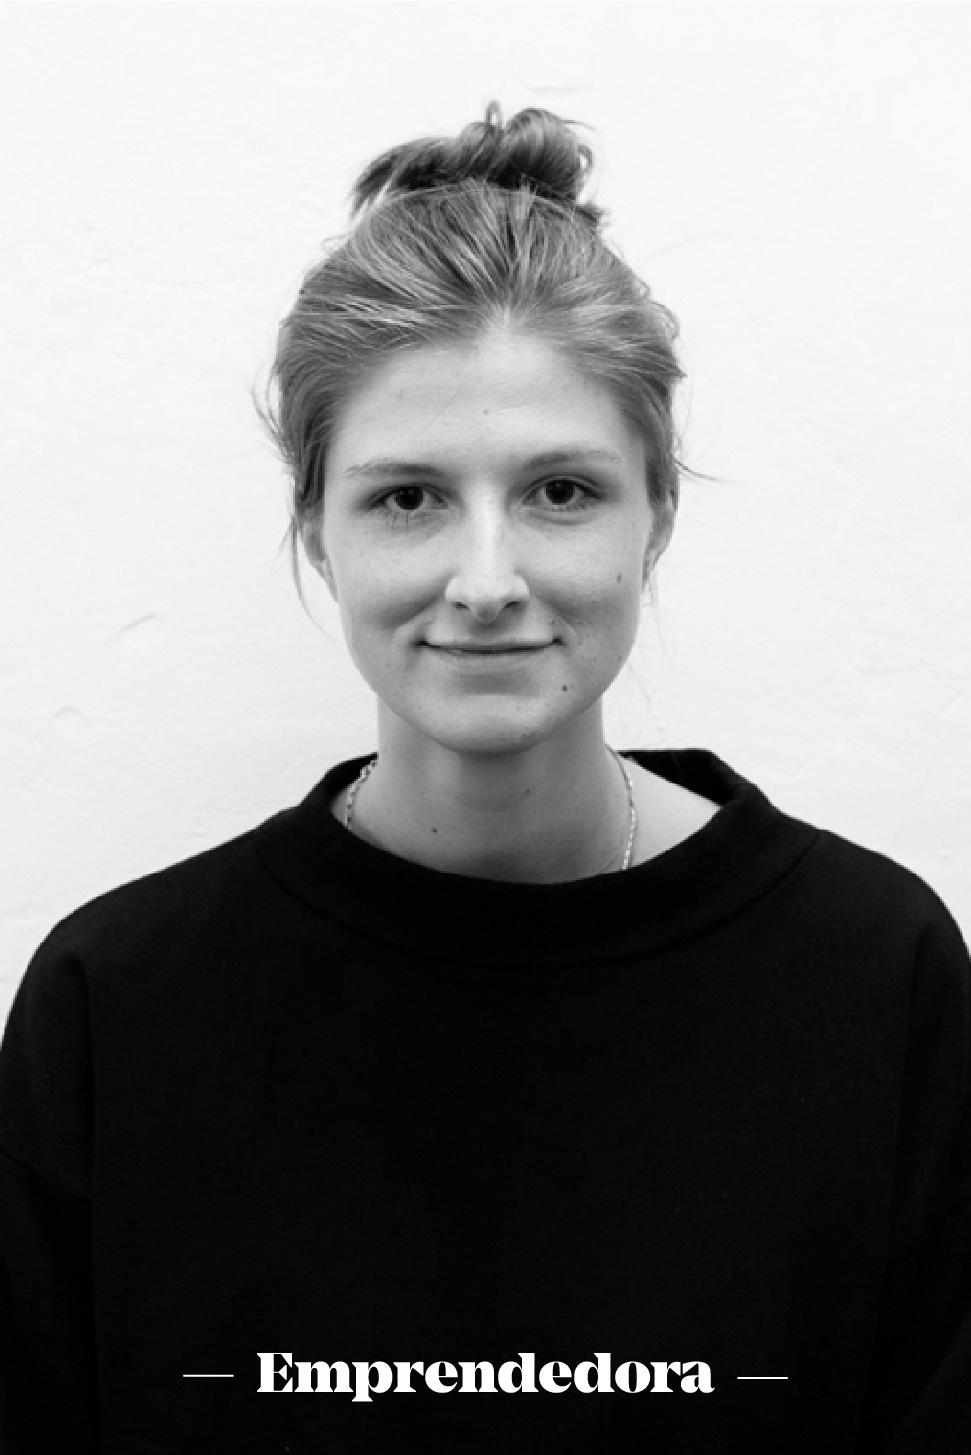 Tine Schorn (emprendedora)  - socia trabajadora y responsable del marketing y de la comunicación en TMDC. Lleva más de 4 años en el mundo de los start-ups y de la economía colaborativa.